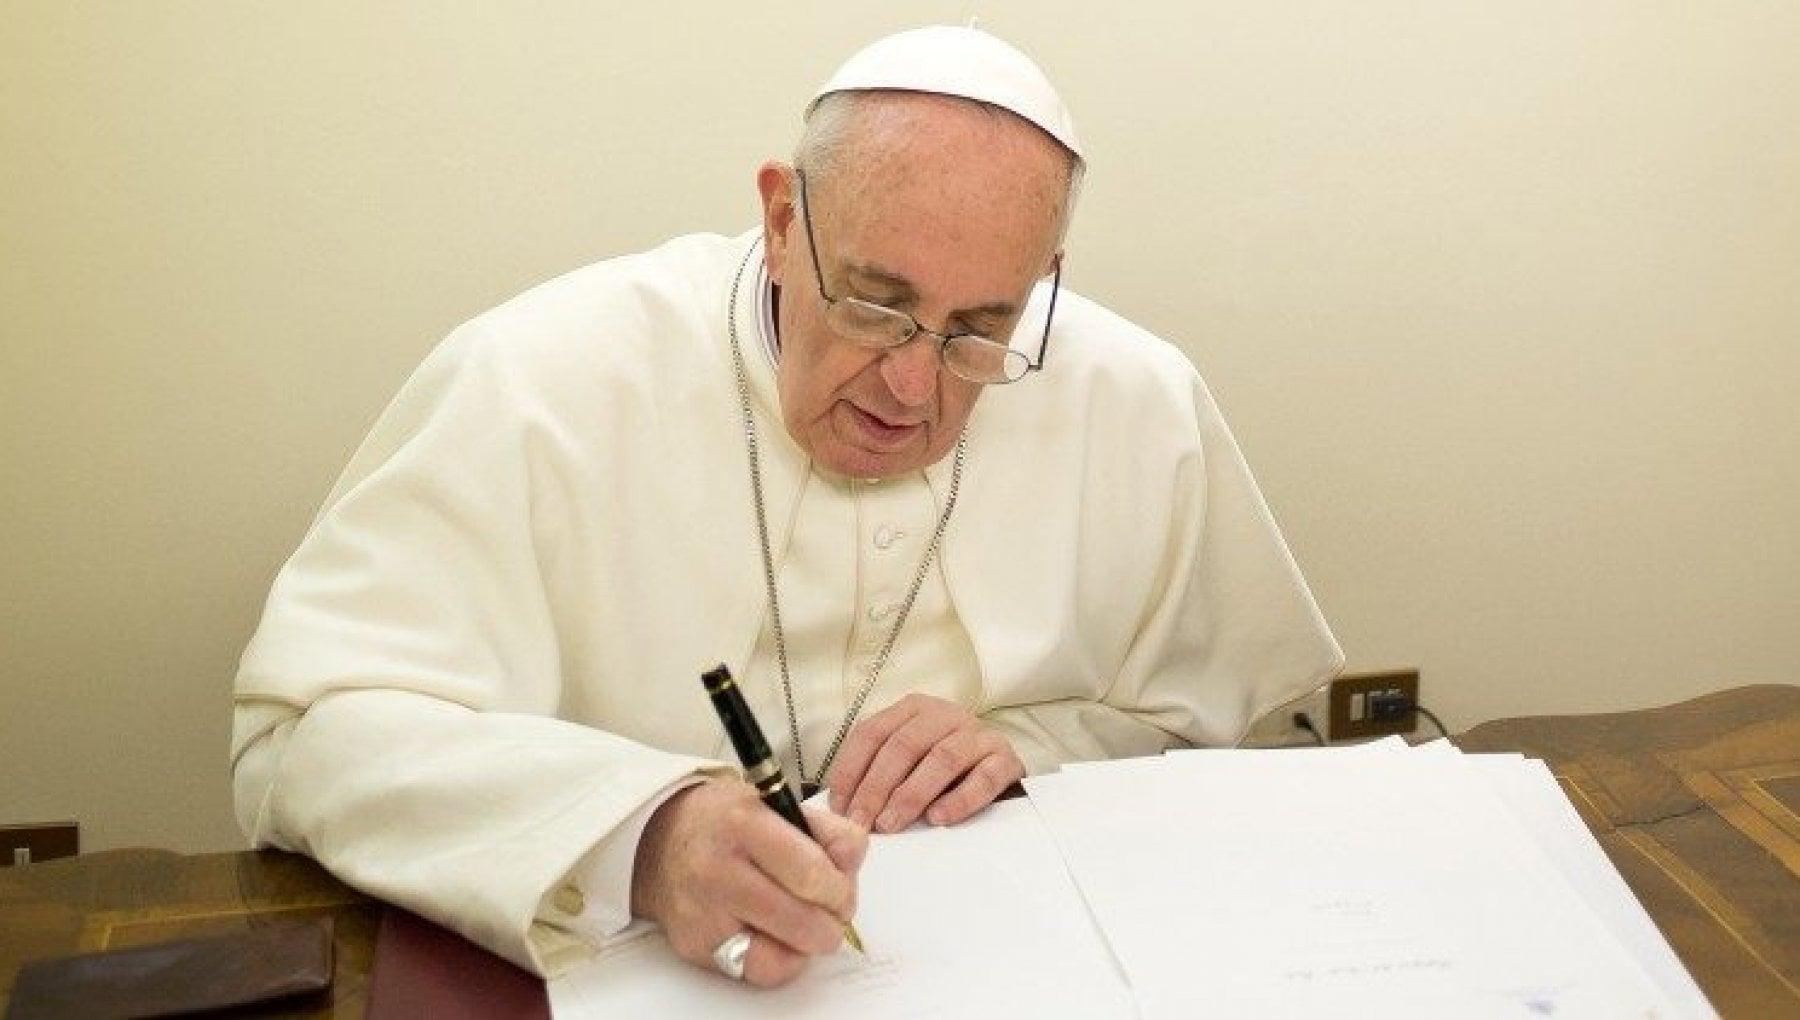 """122027835 9bbe9a01 cf3b 4891 bfc2 9a4f5a8b01a7 - Papa Francesco respinge le dimissioni del cardinale Marx: """"Continua la tua missione come arcivescovo di Monaco"""""""